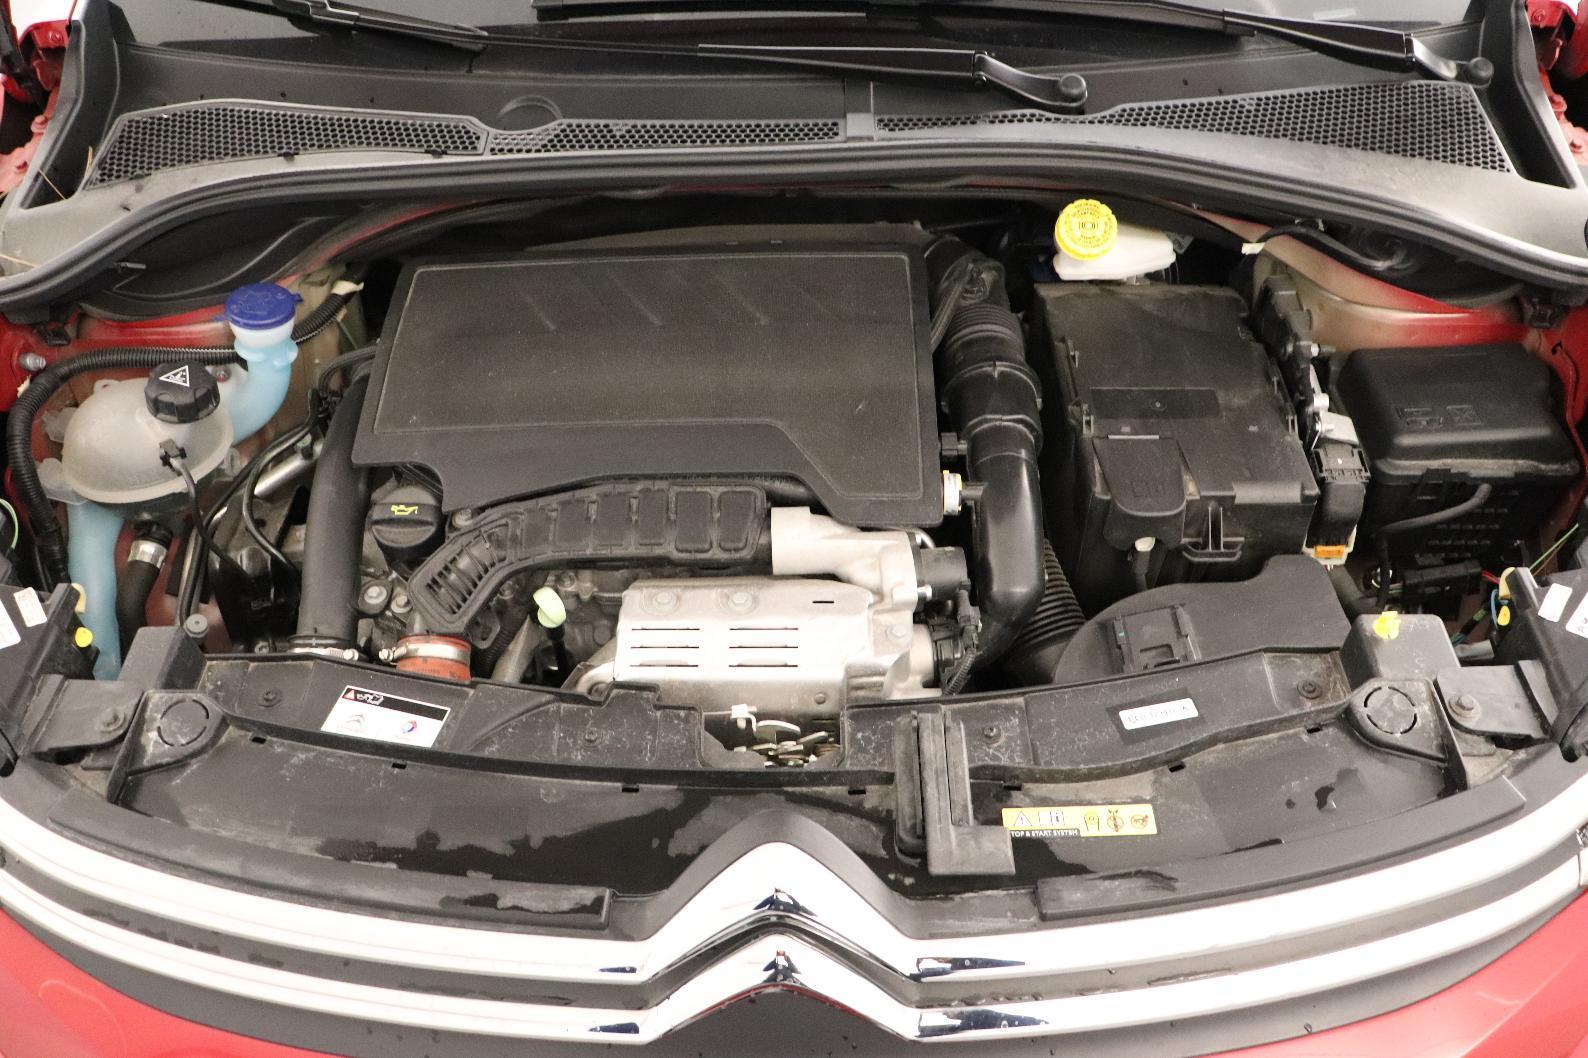 CITROEN C3 PureTech 110 S&S BVM6 Shine